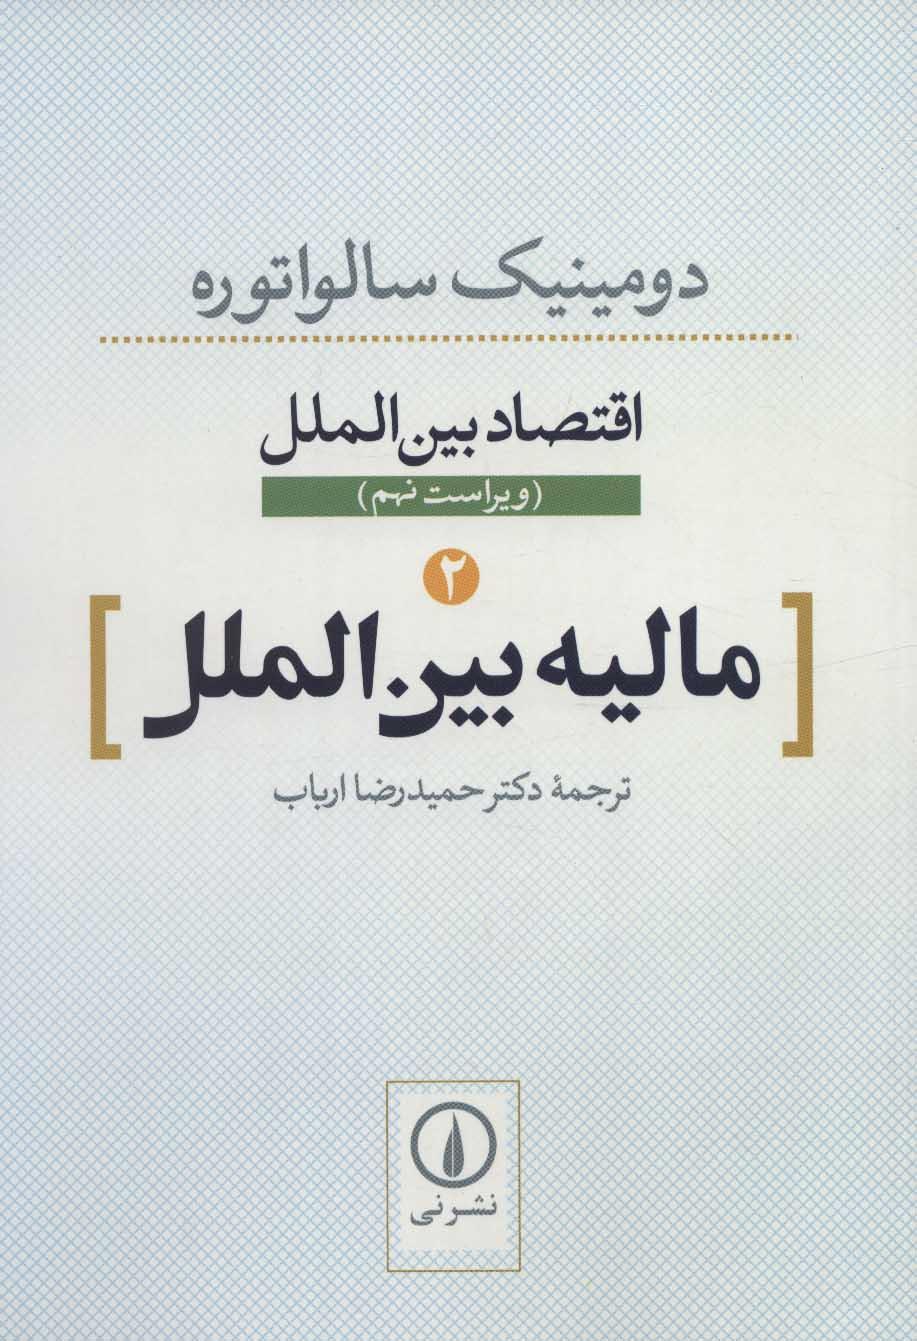 اقتصاد بین الملل 2 (مالیه بین الملل)